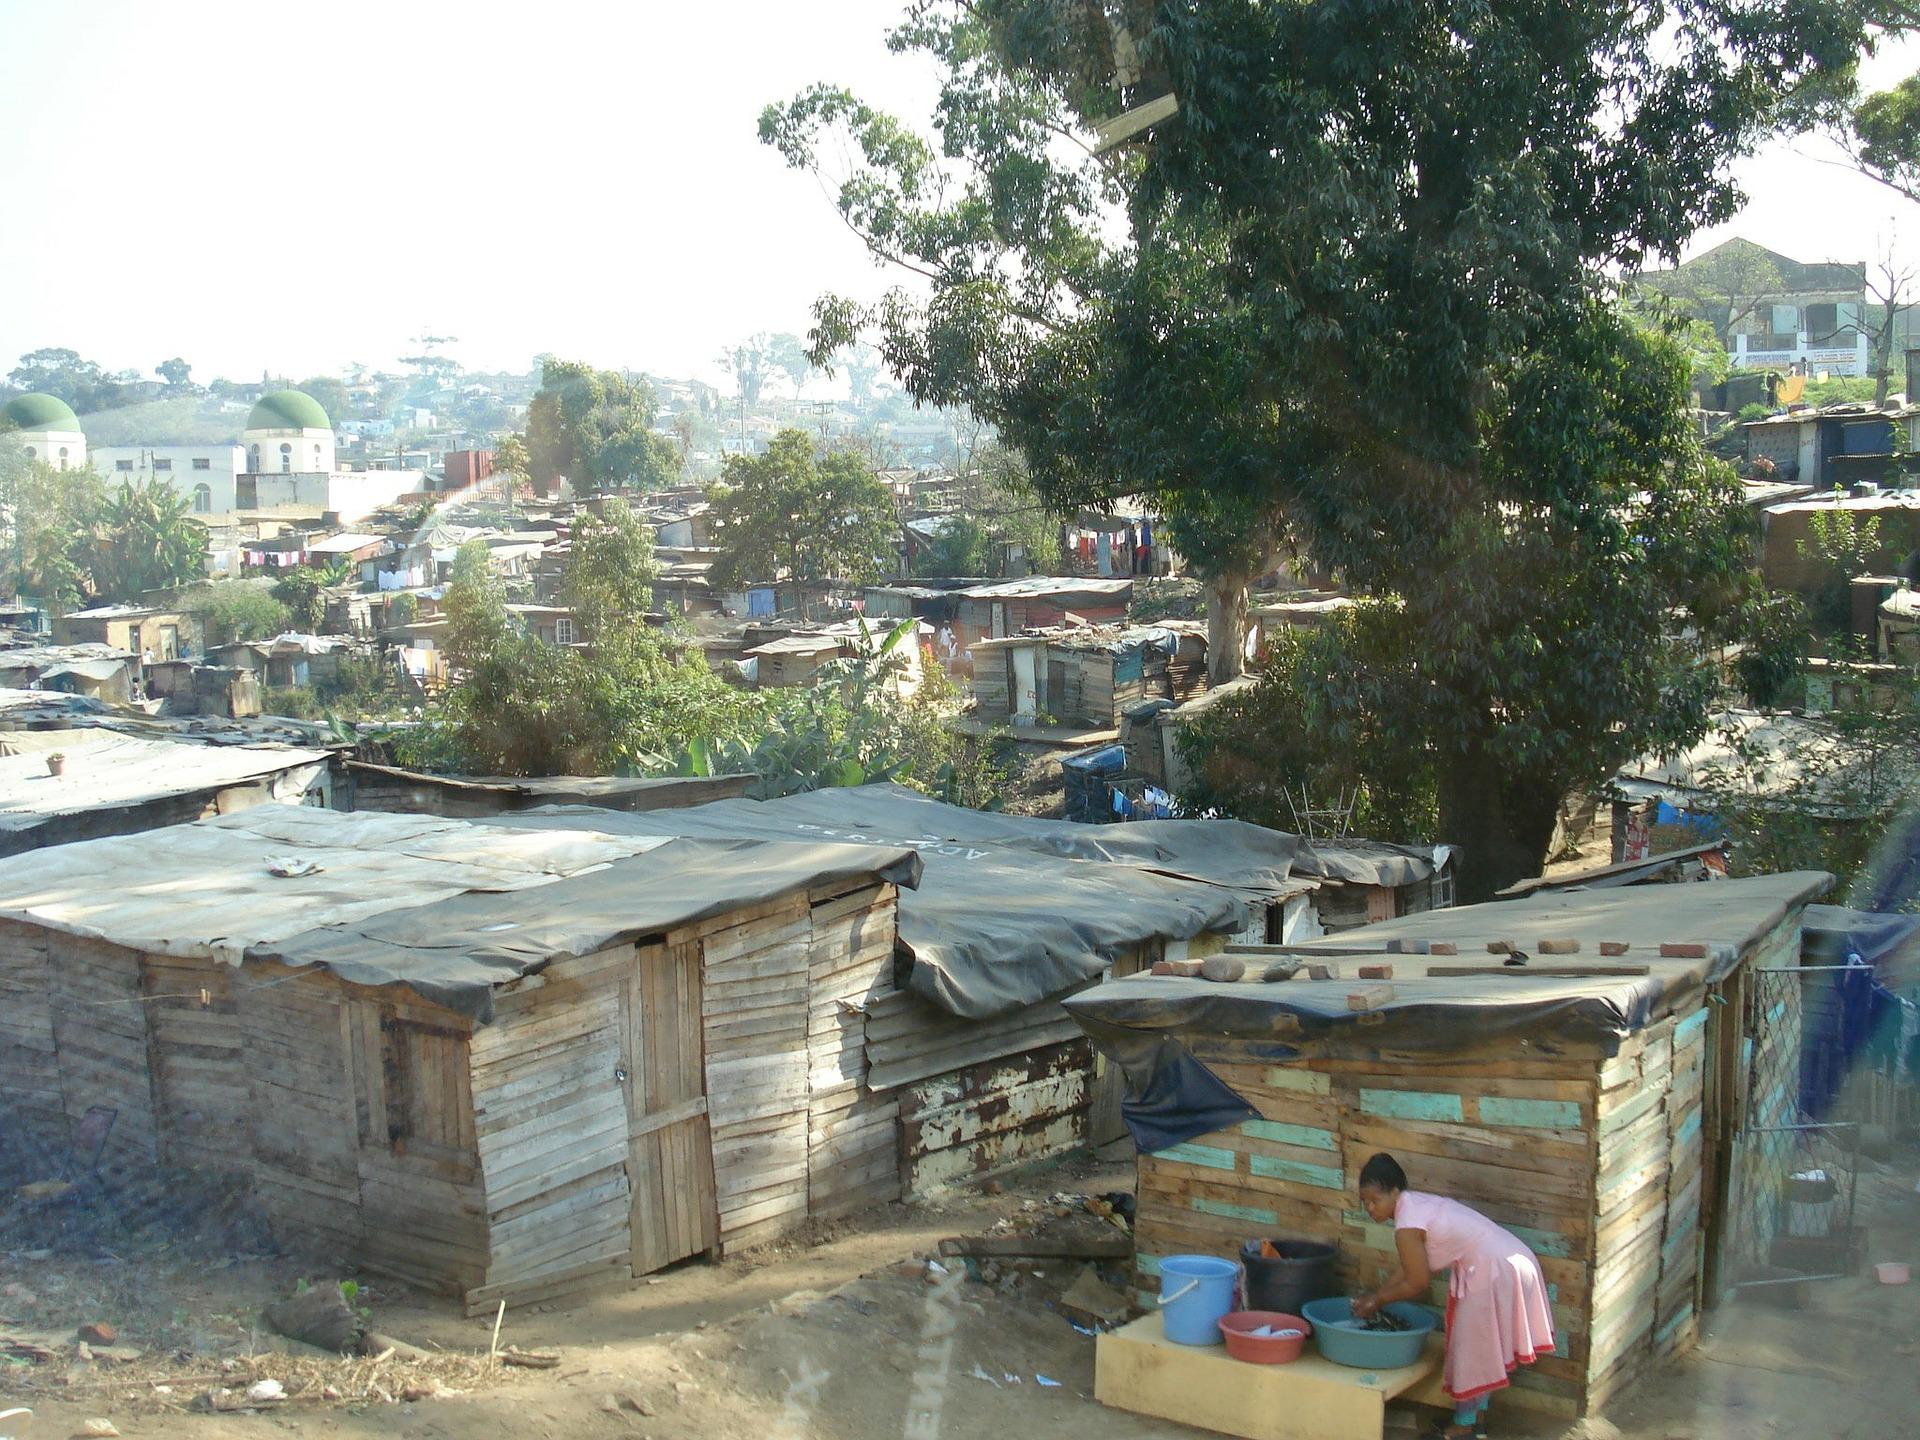 poverty-216527_1920.jpg